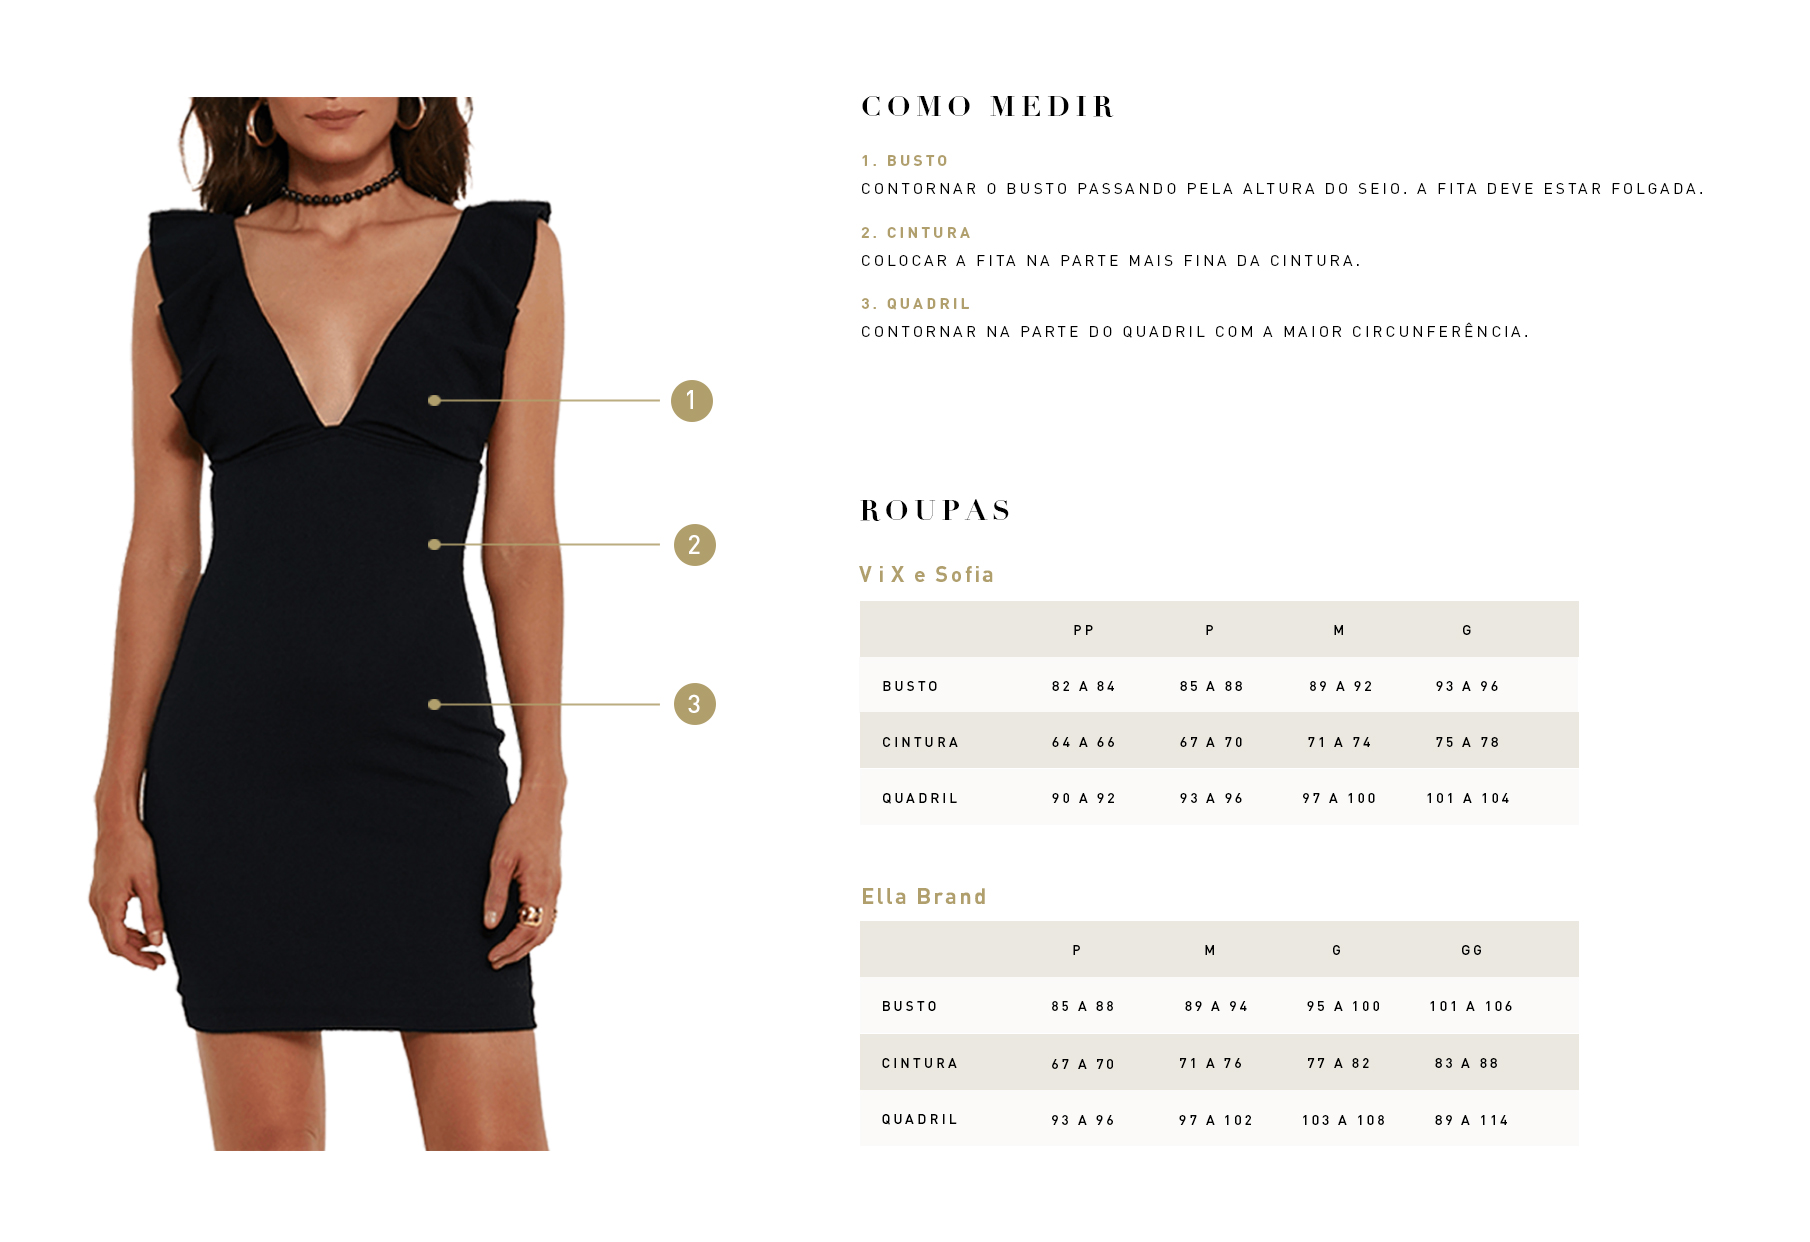 tabela-de-medida-categoria-sale-roupa-sofia